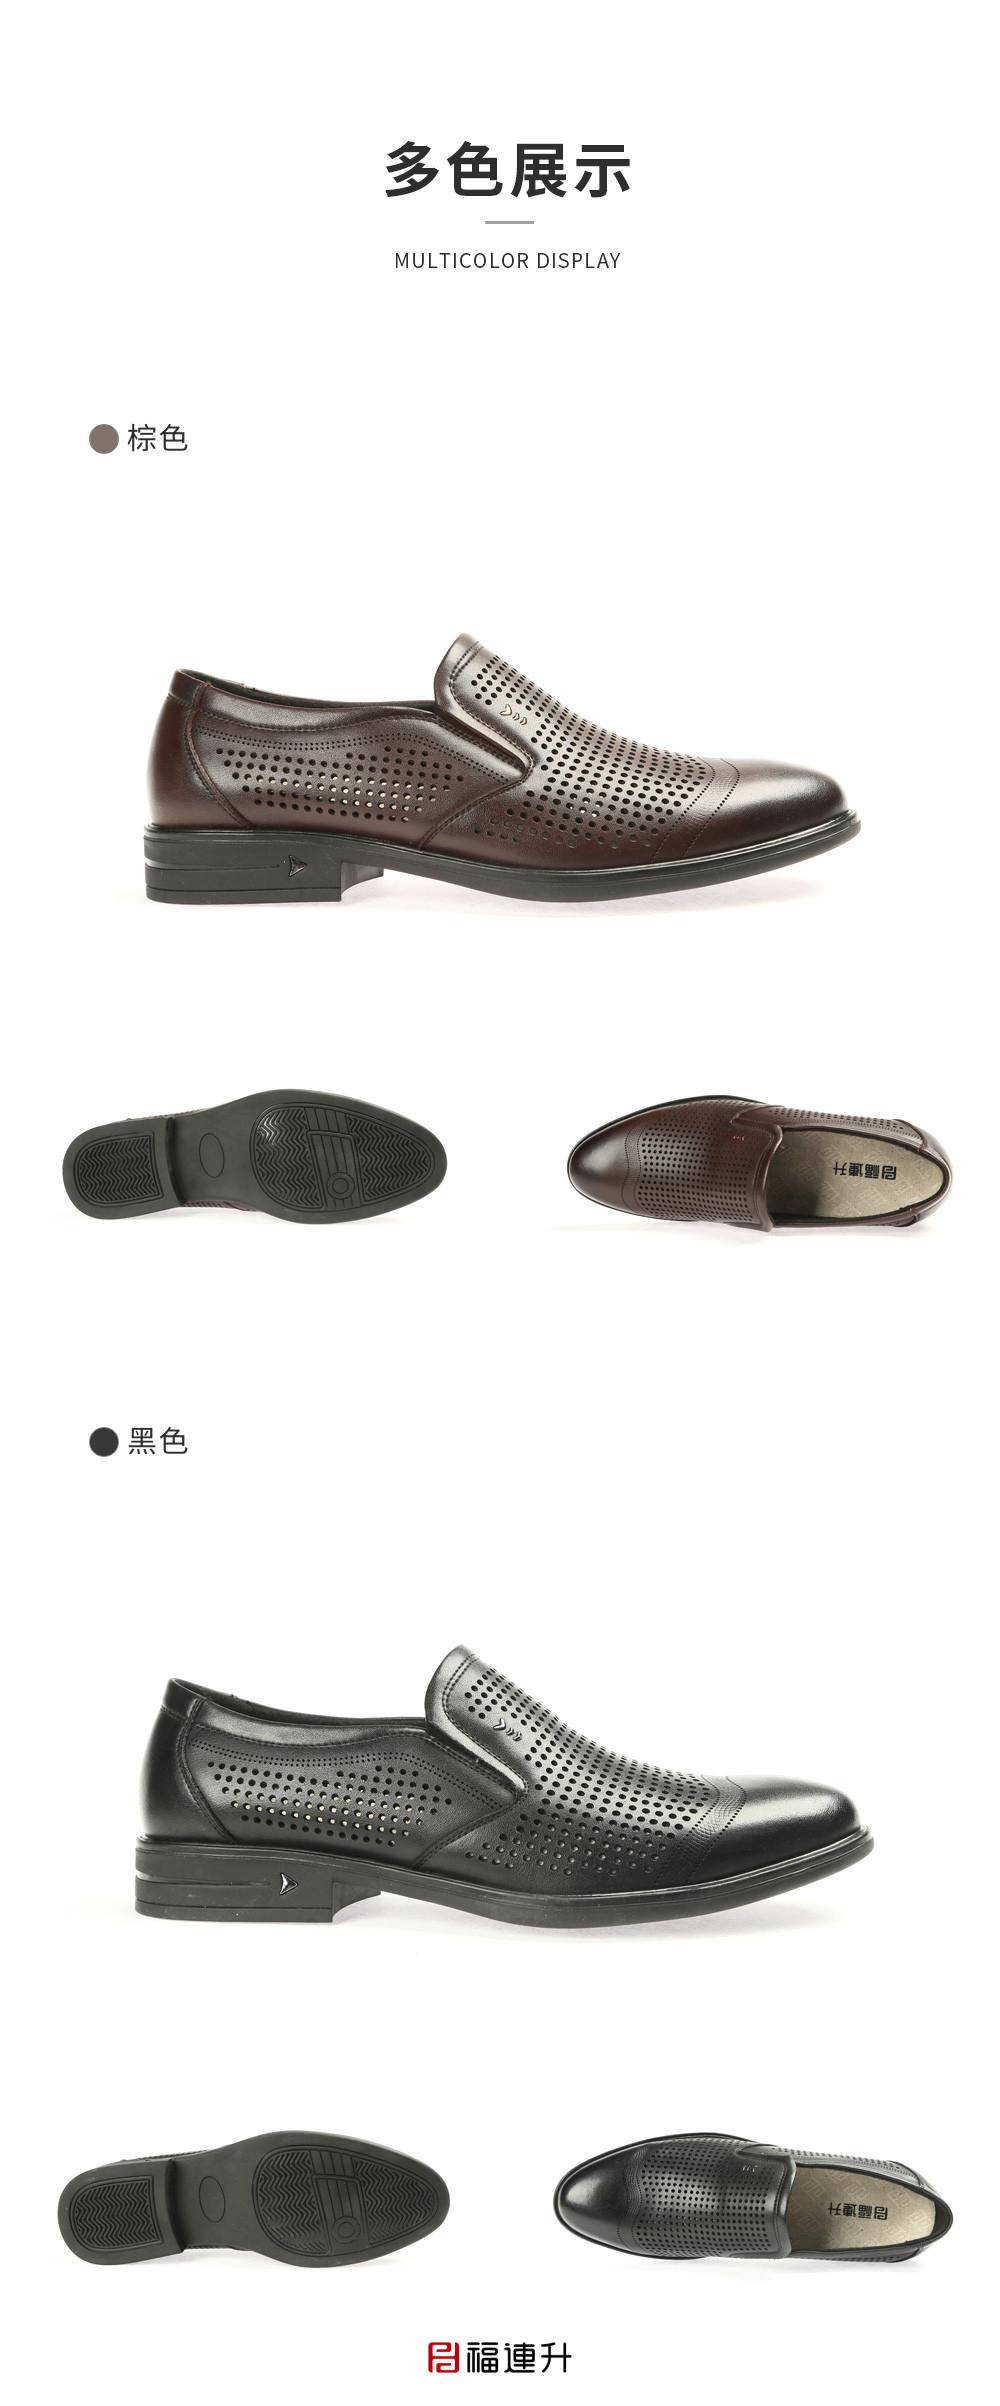 福连升休闲皮鞋 男夏季真皮透气一脚蹬镂空商务工作男鞋图片